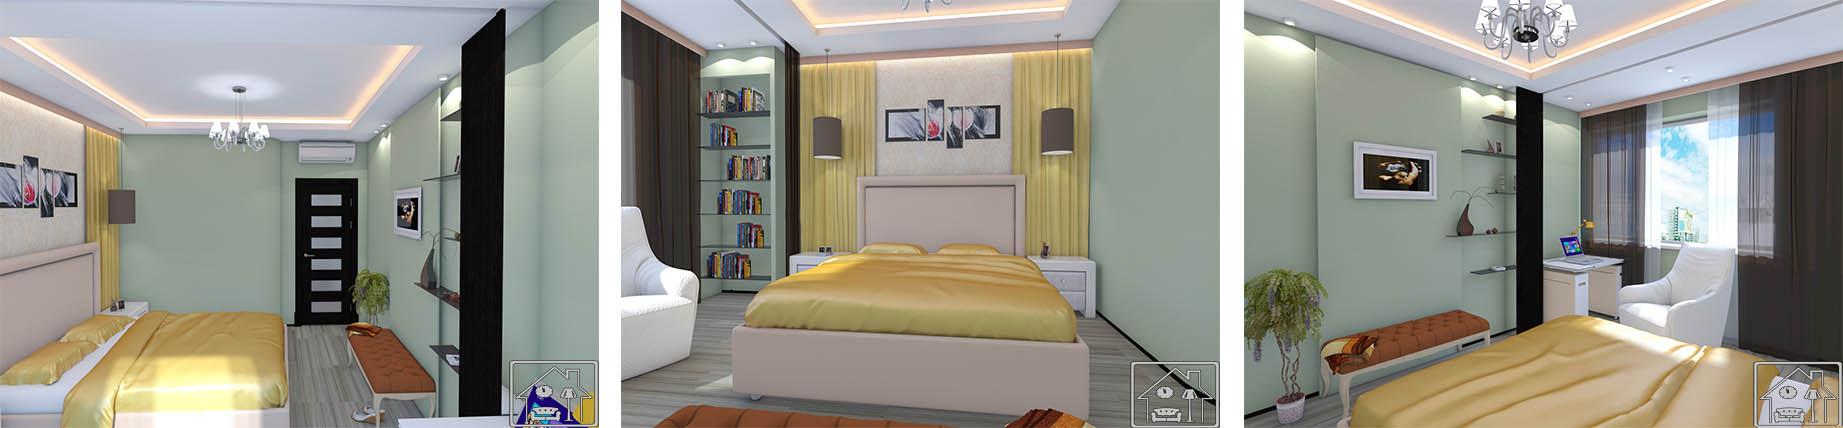 Спальня современная Салатовая